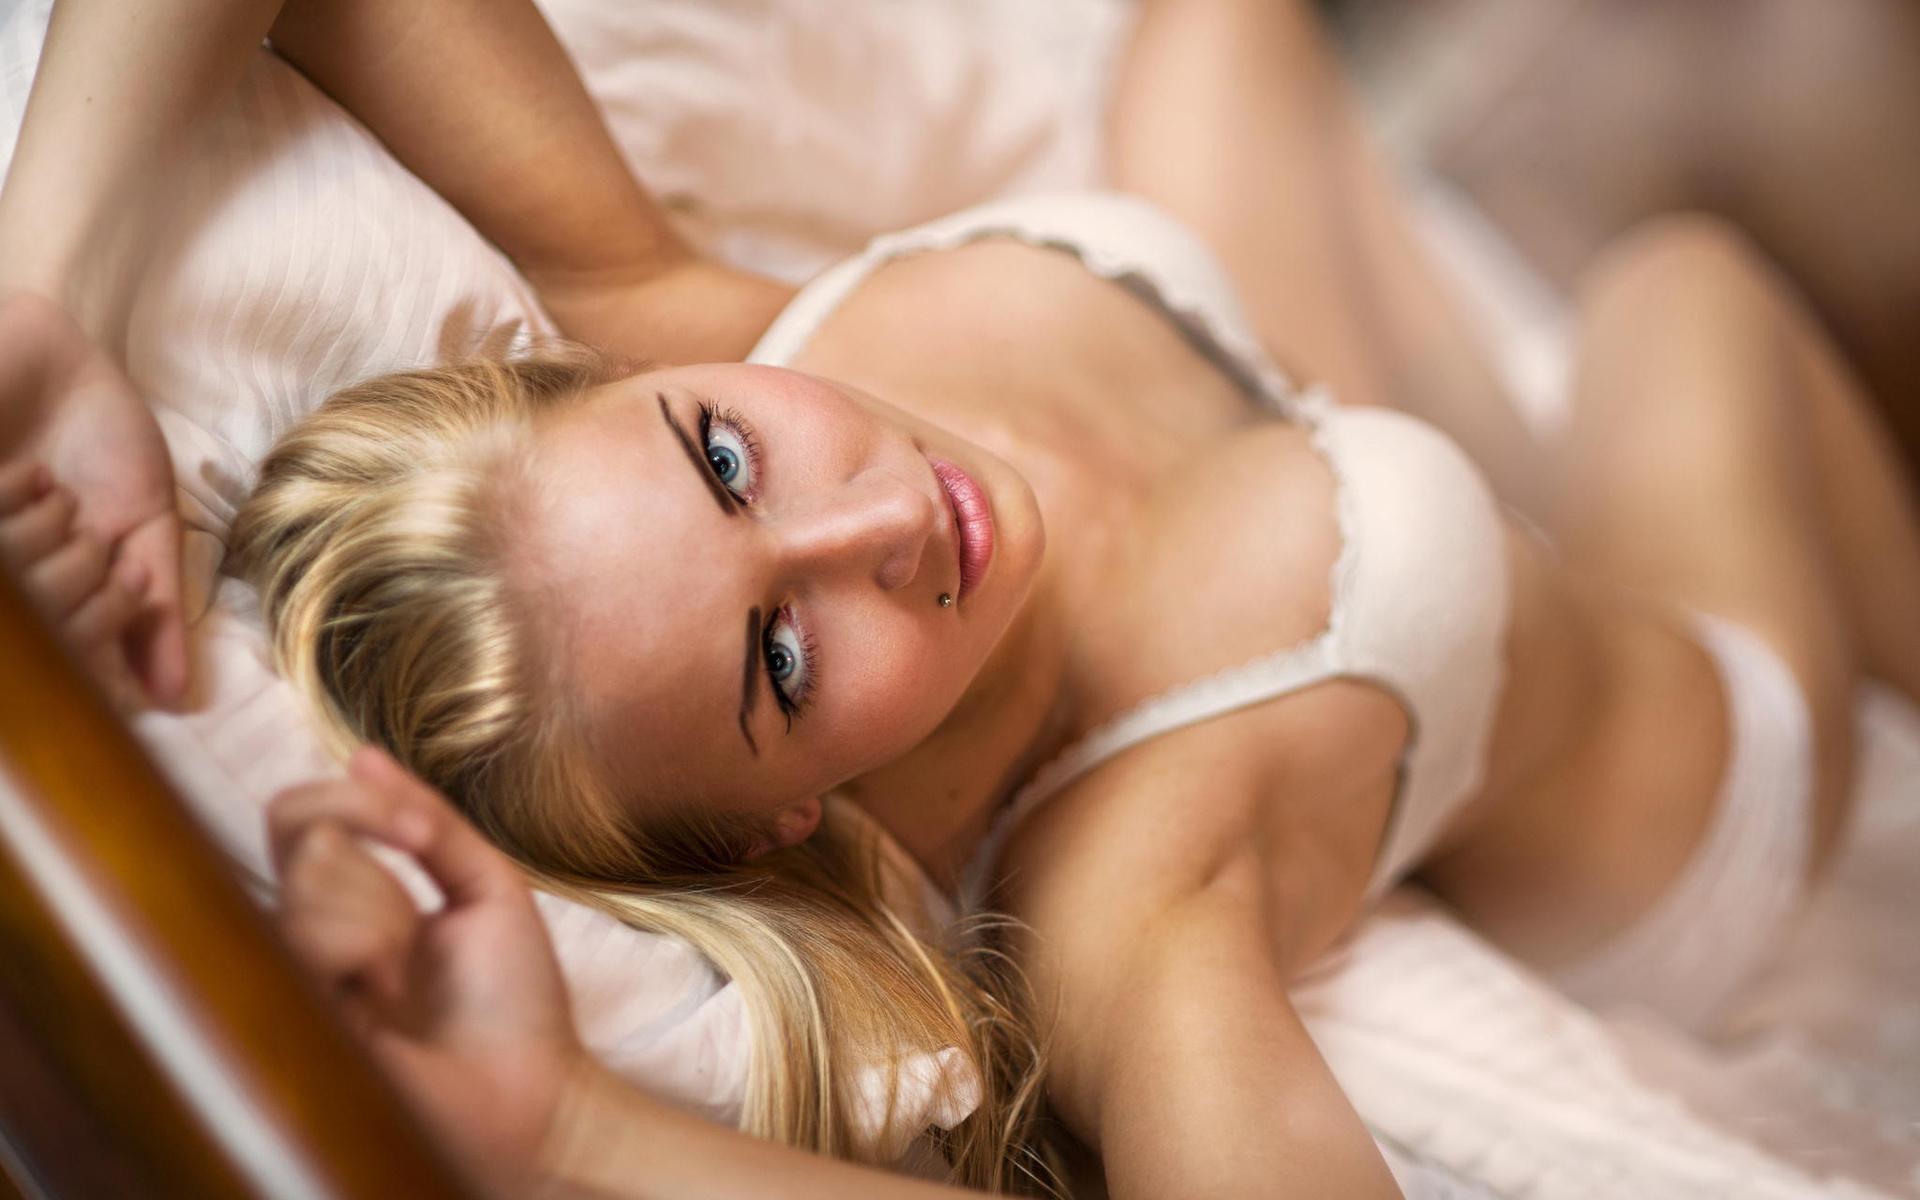 шикарная блондинка стонет - 5